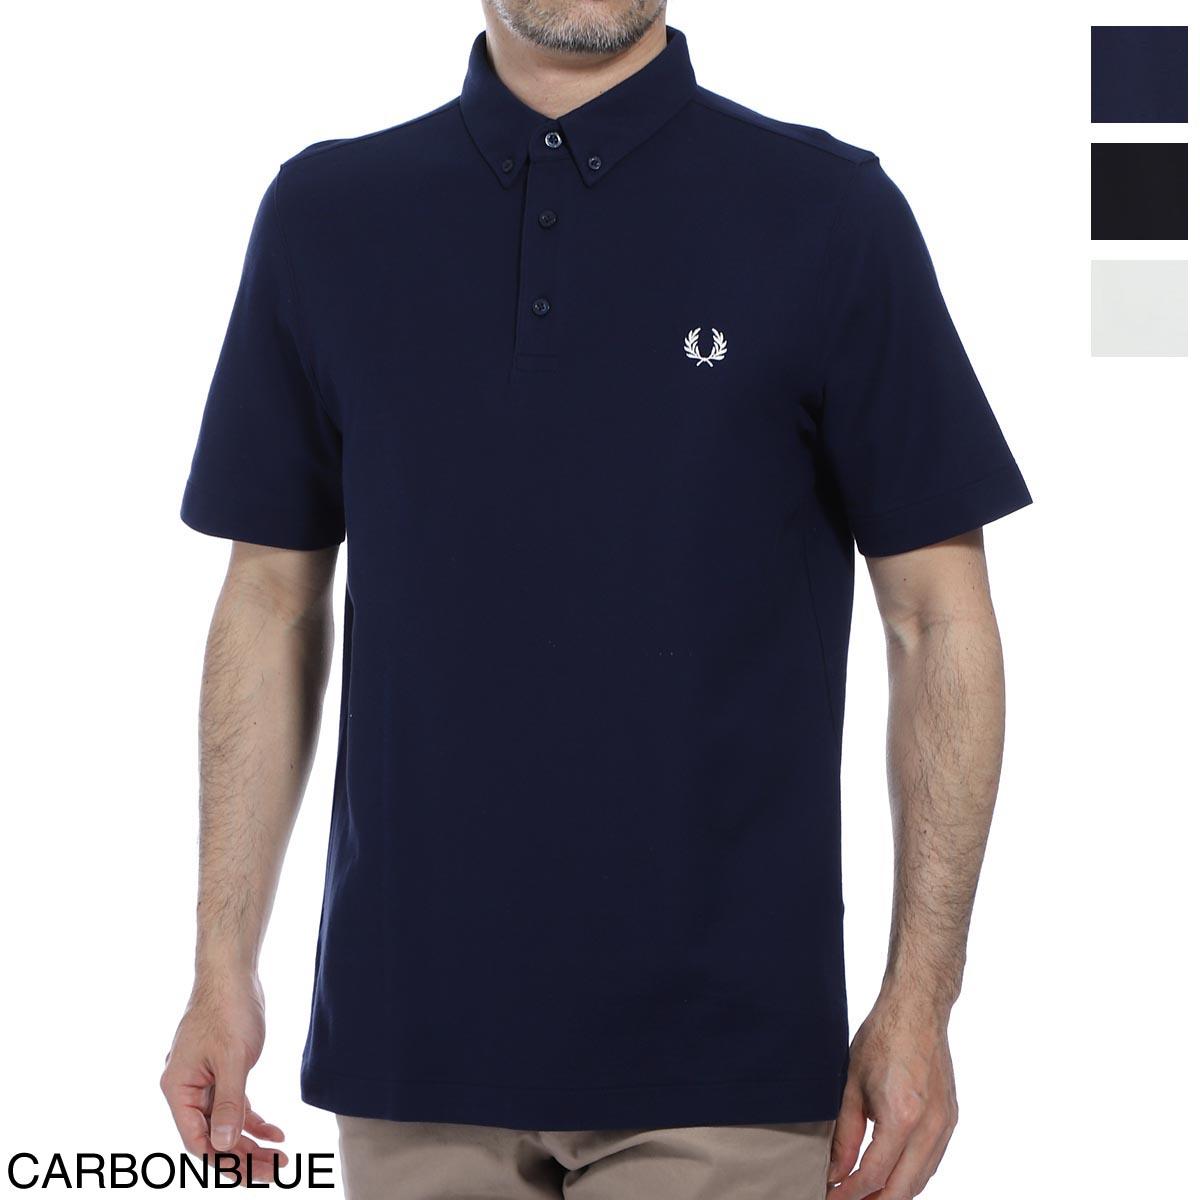 フレッドペリー FRED PERRY ポロシャツ メンズ m8543 266 BUTTON DOWN POLO SHIRT【あす楽対応_関東】【返品送料無料】【ラッピング無料】